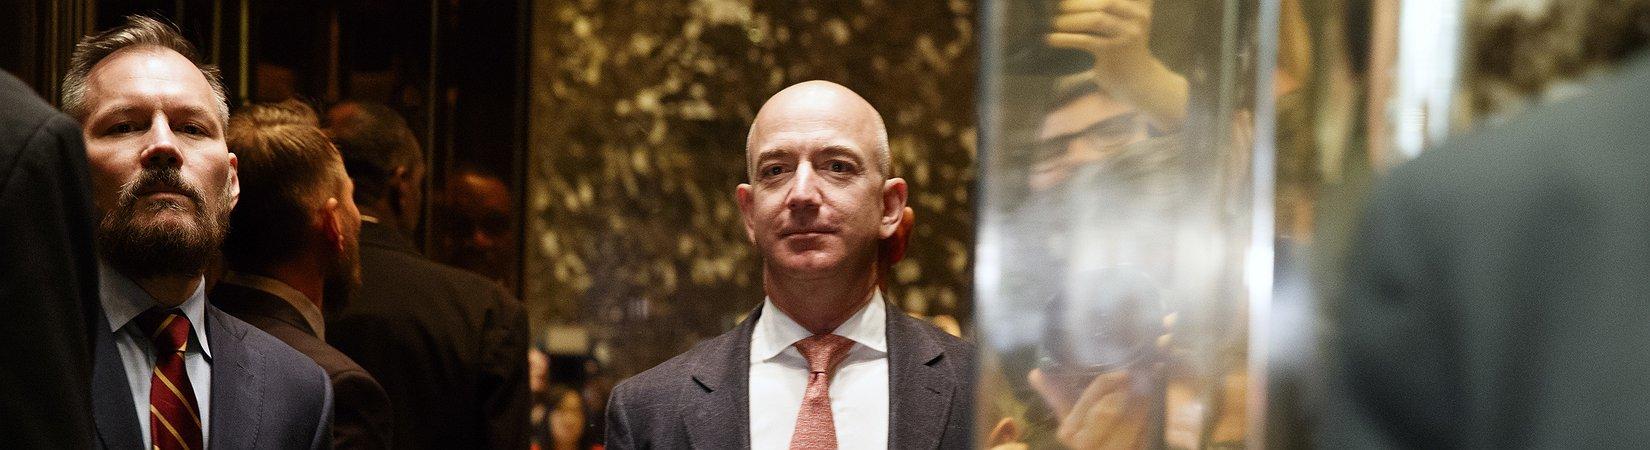 Los 5 CEOs que más tienen que perder con la presidencia de Trump